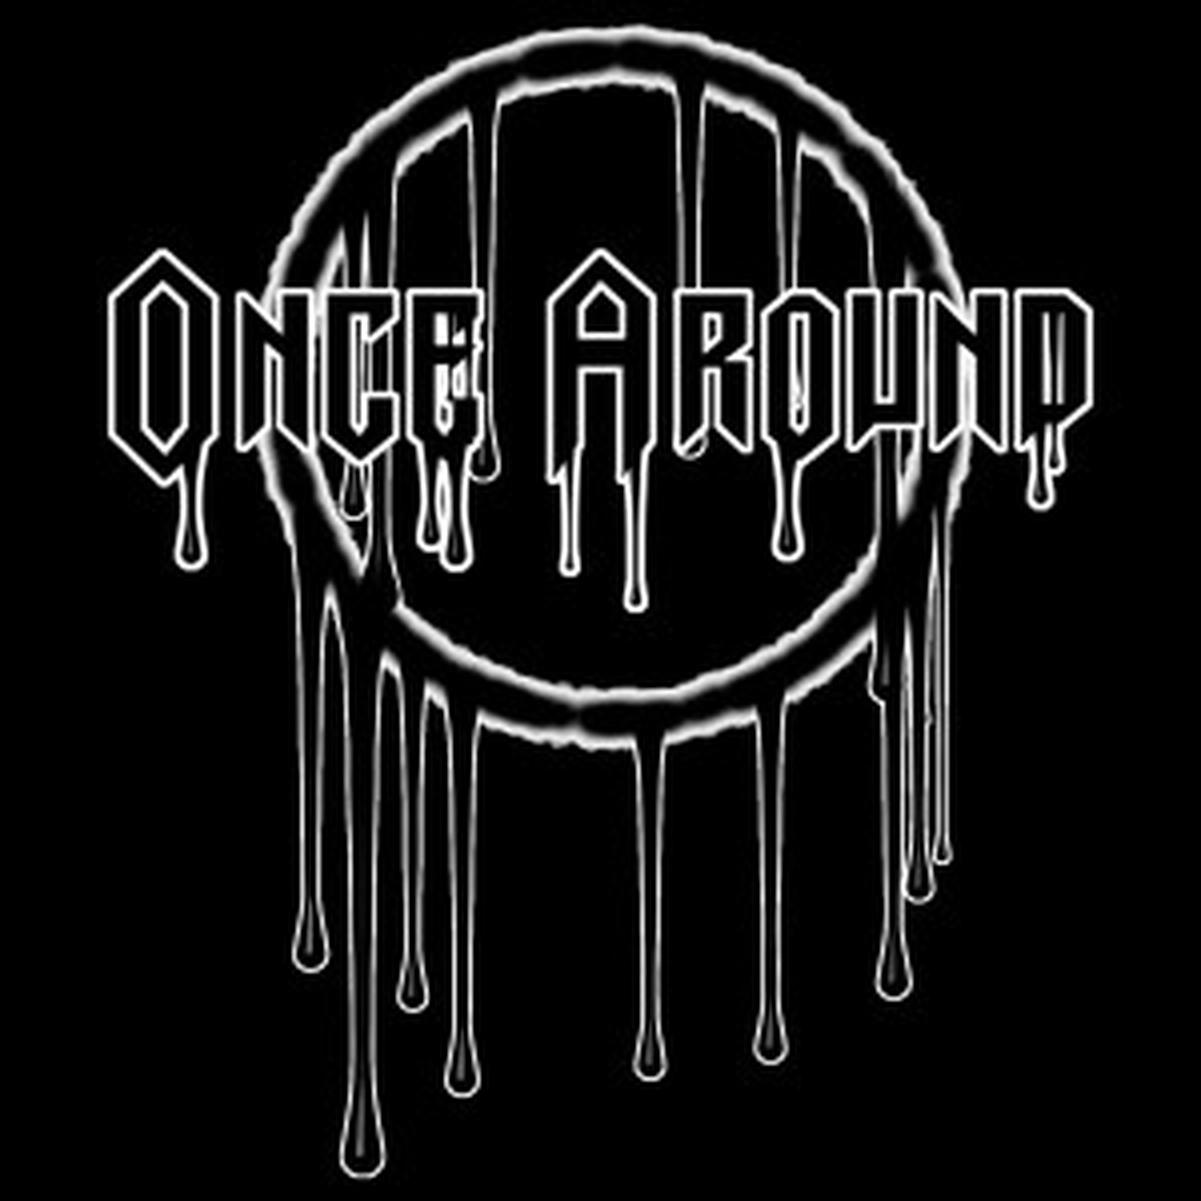 ONCE AROUND wiki, ONCE AROUND review, ONCE AROUND history, ONCE AROUND news